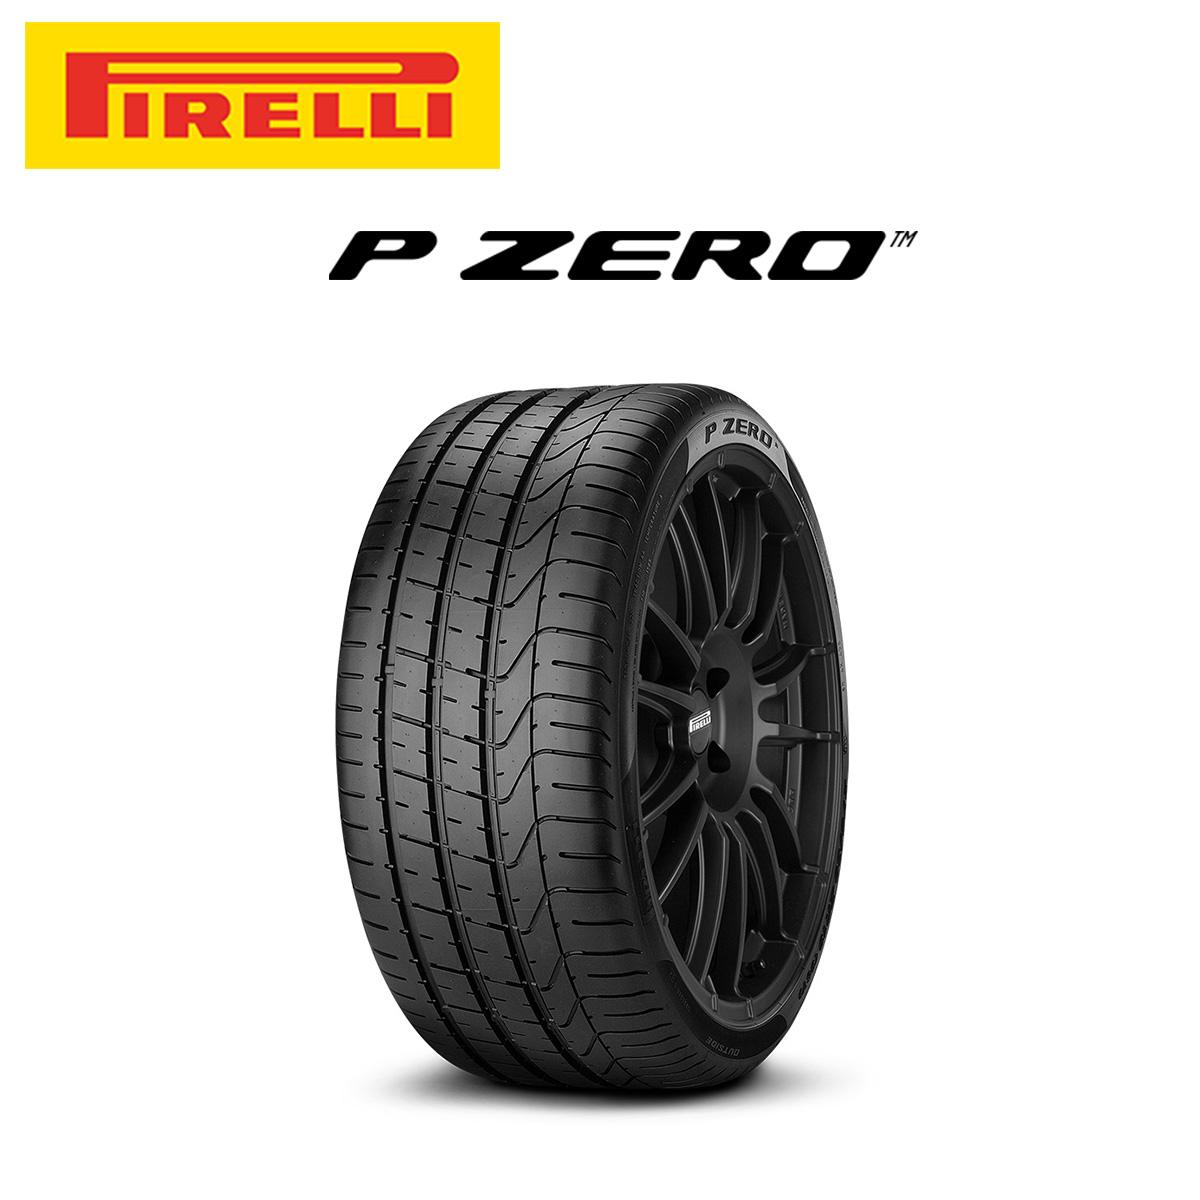 ピレリ PIRELLI P ZERO ピーゼロ 21インチ サマー タイヤ 4本 セット 285/35R21 105Y XL r-f ★:BMW MINI承認タイヤ 2306200